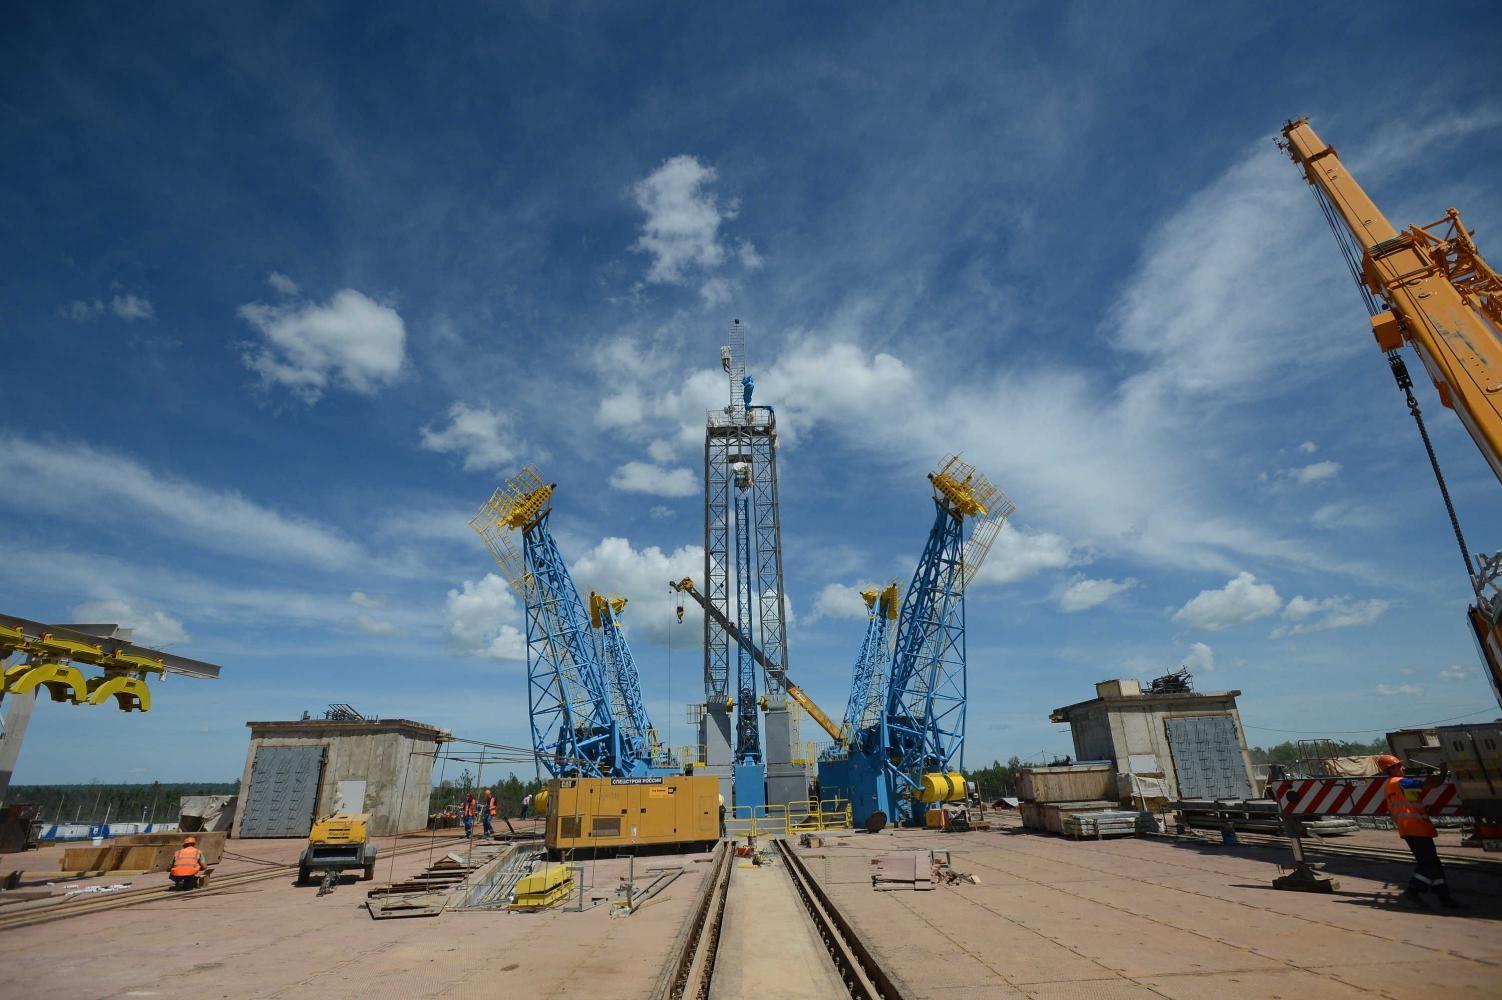 'Роскосмос: Суммарная стоимость космодрома'Восточный составляет 180 млрд рублей